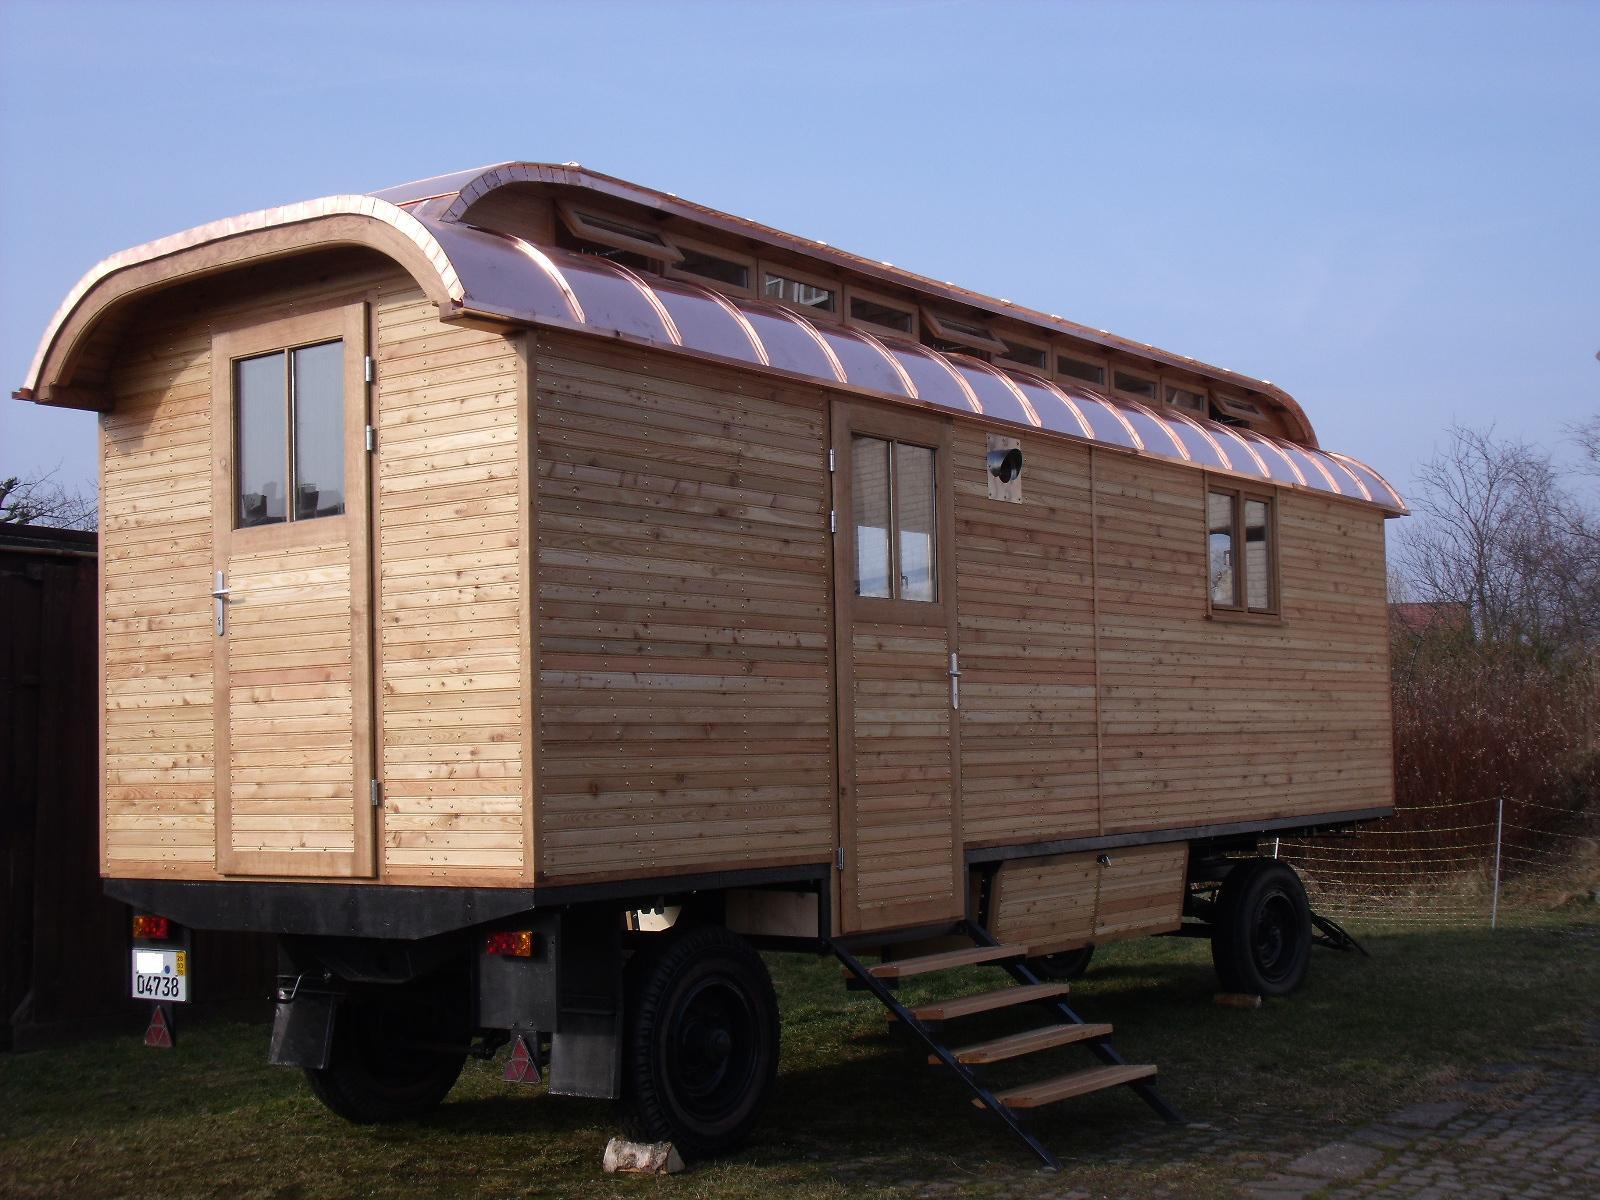 camping kleinanzeigen in weira. Black Bedroom Furniture Sets. Home Design Ideas